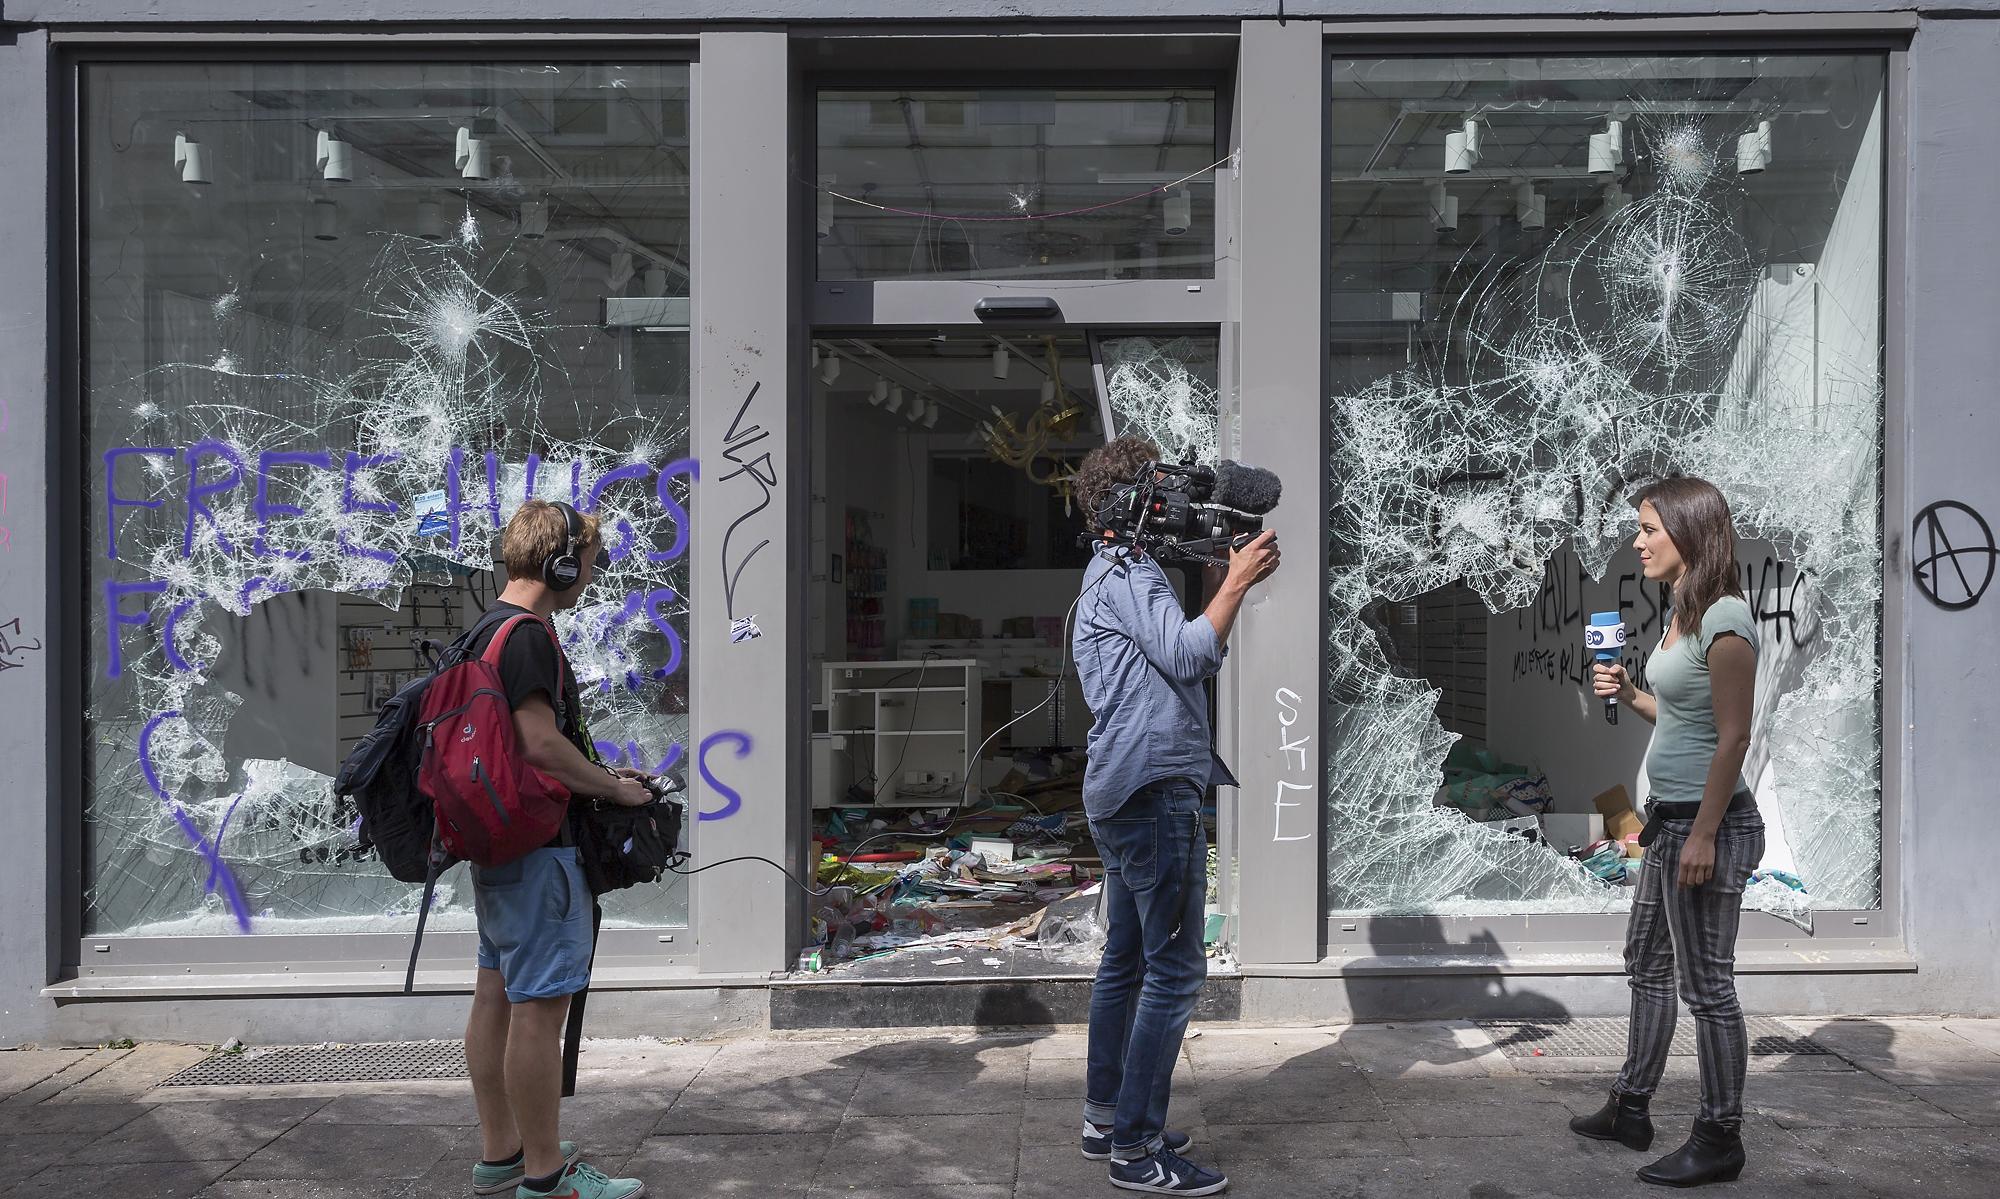 Ein Fernsehteam dreht am 08/07/2017 vor einem geplünderten Geschäft am Schulterblatt in Hamburg. Foto Florian Schuh